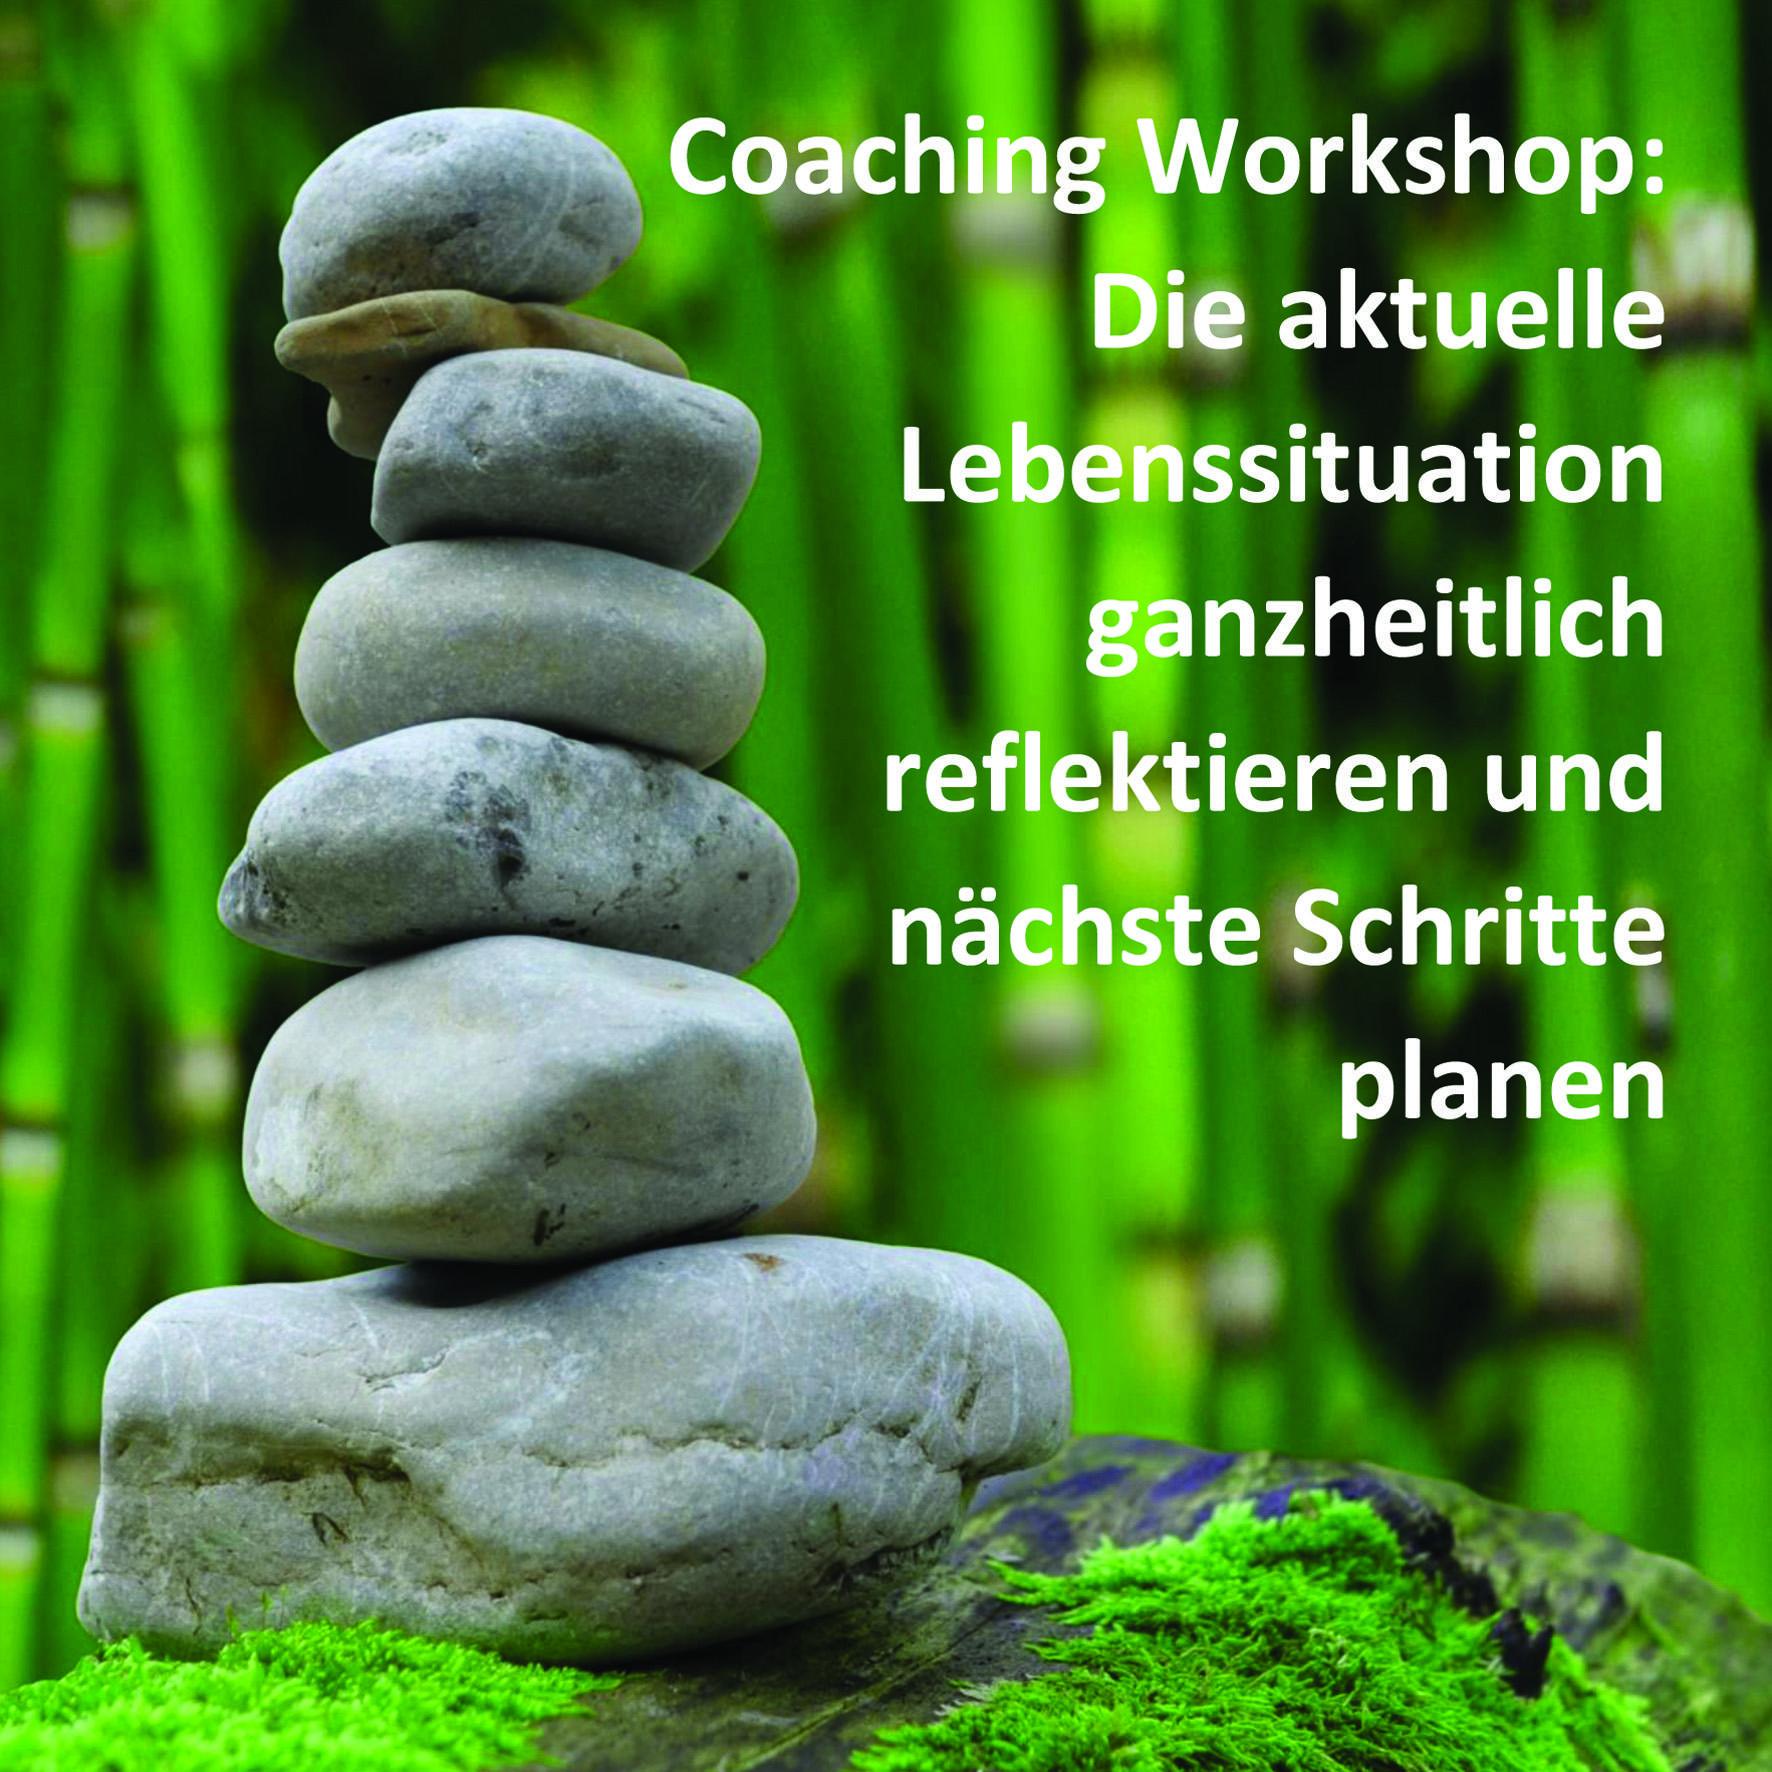 Coaching Workshop: Lebenssituation reflektieren und nächste Schritte planen